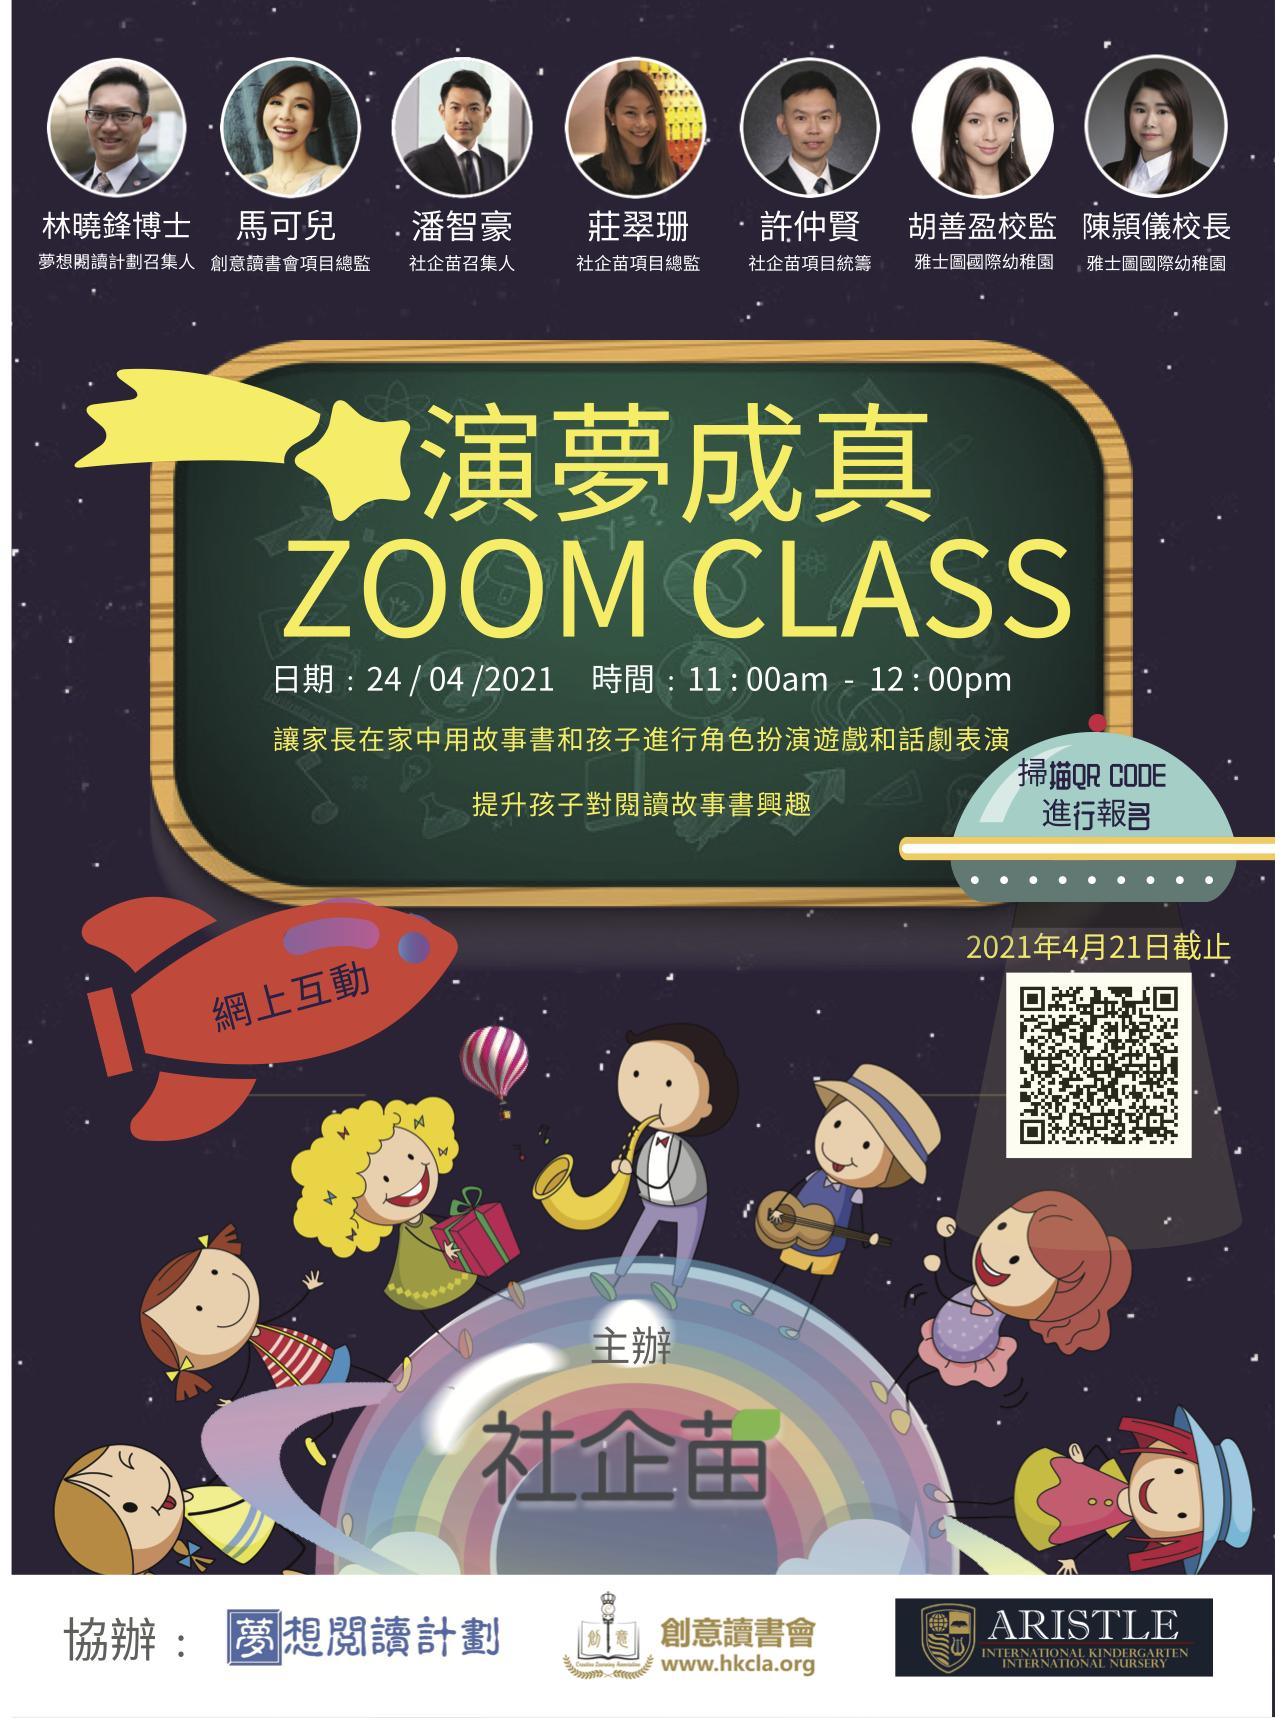 2020-2021年度閱讀延伸活動──「演夢成真Zoom Class」現正接受報名